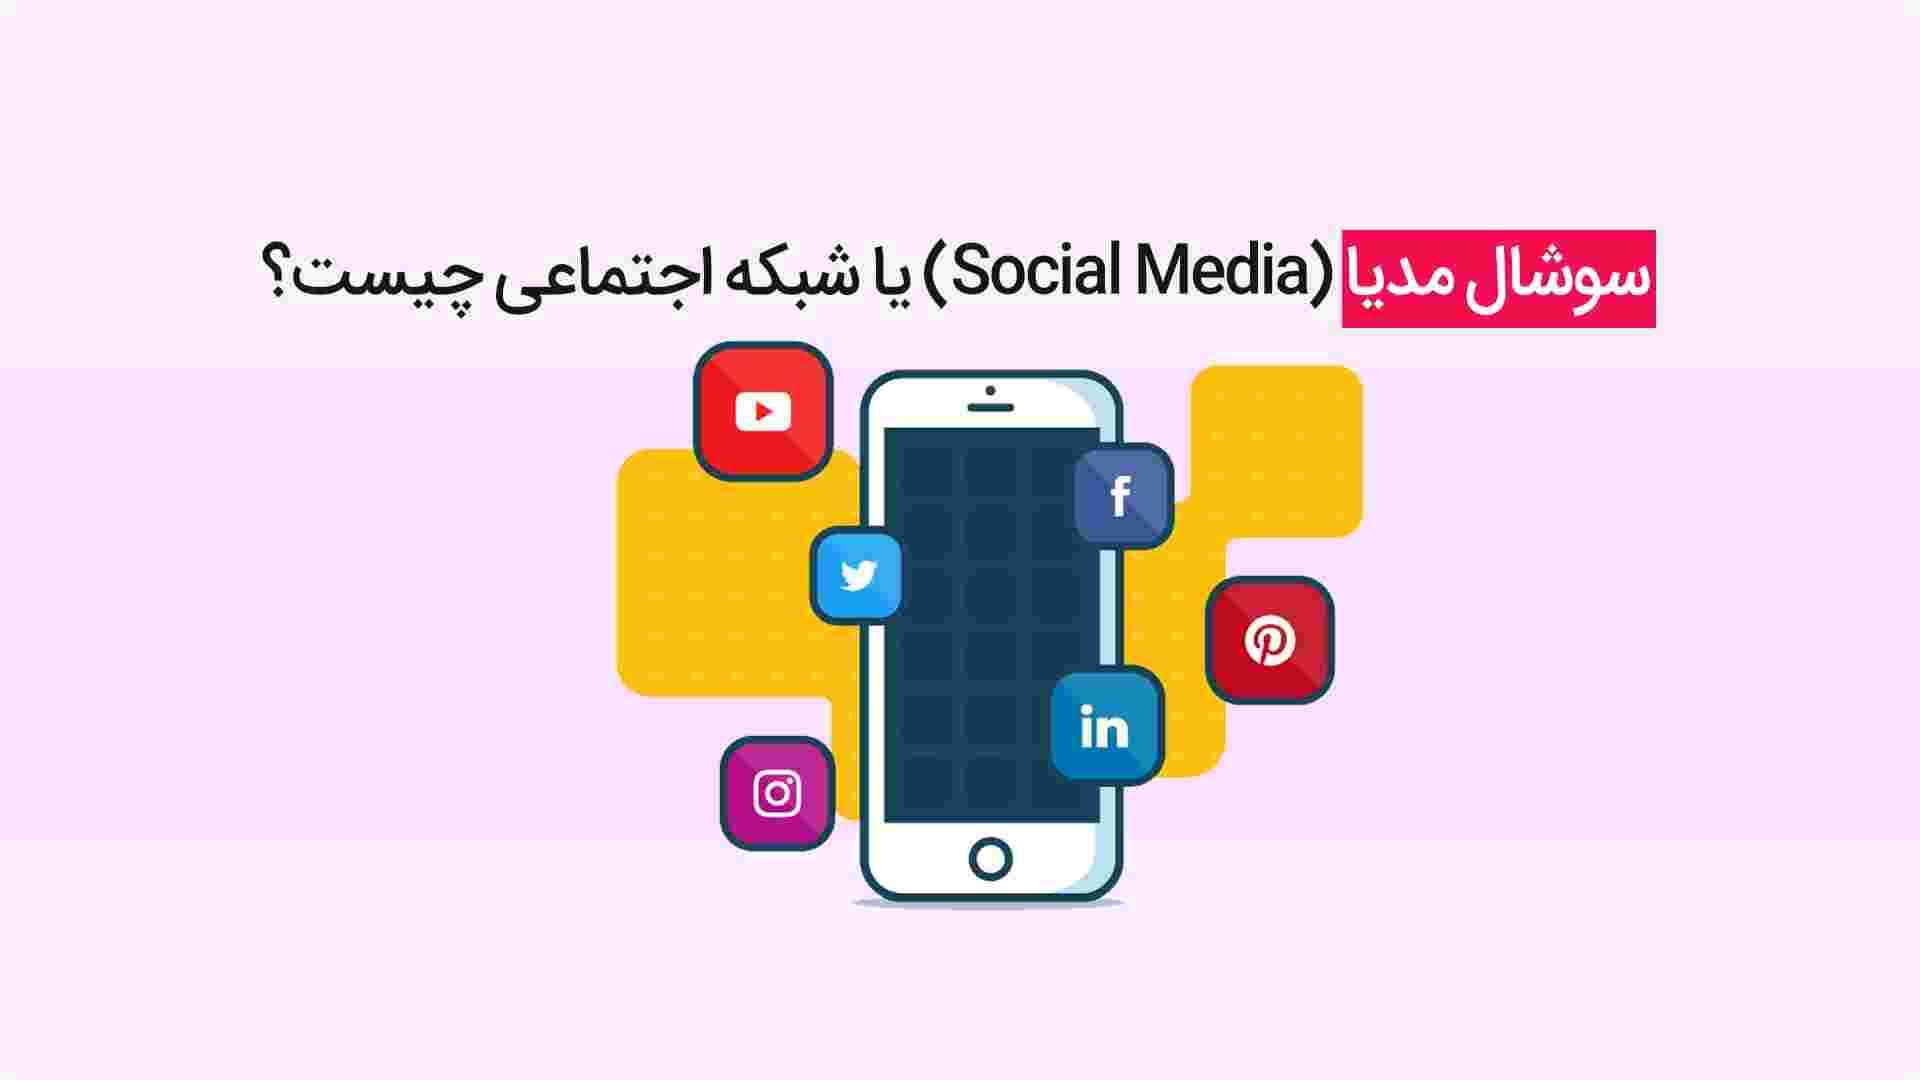 سوشال مدیا (Social Media) یا شبکه اجتماعی چیست؟